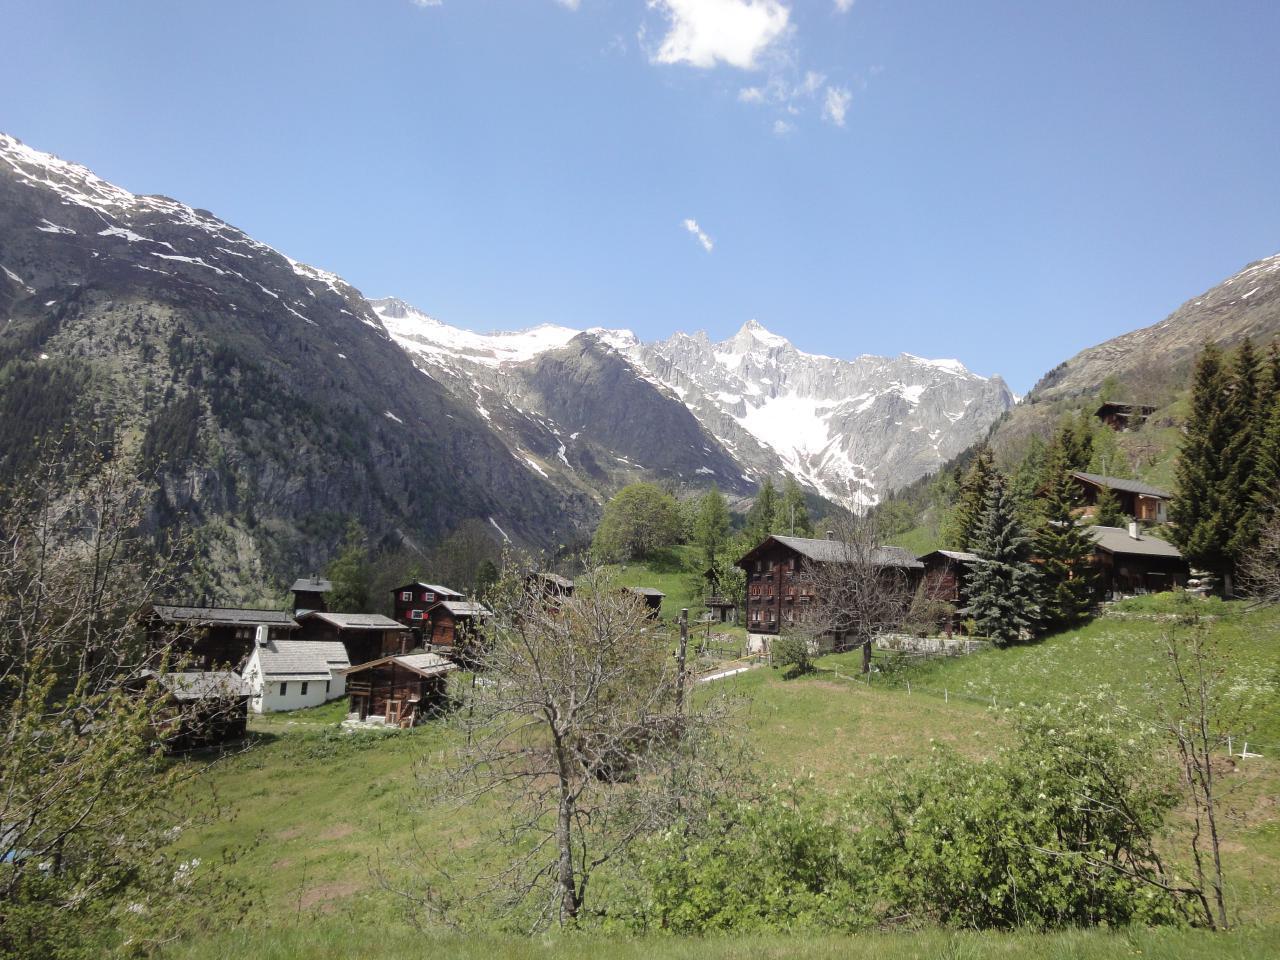 Appartement de vacances Chalet Stefanino, 2 1/2 Zimmer (488625), Bellwald, Aletsch - Conches, Valais, Suisse, image 15